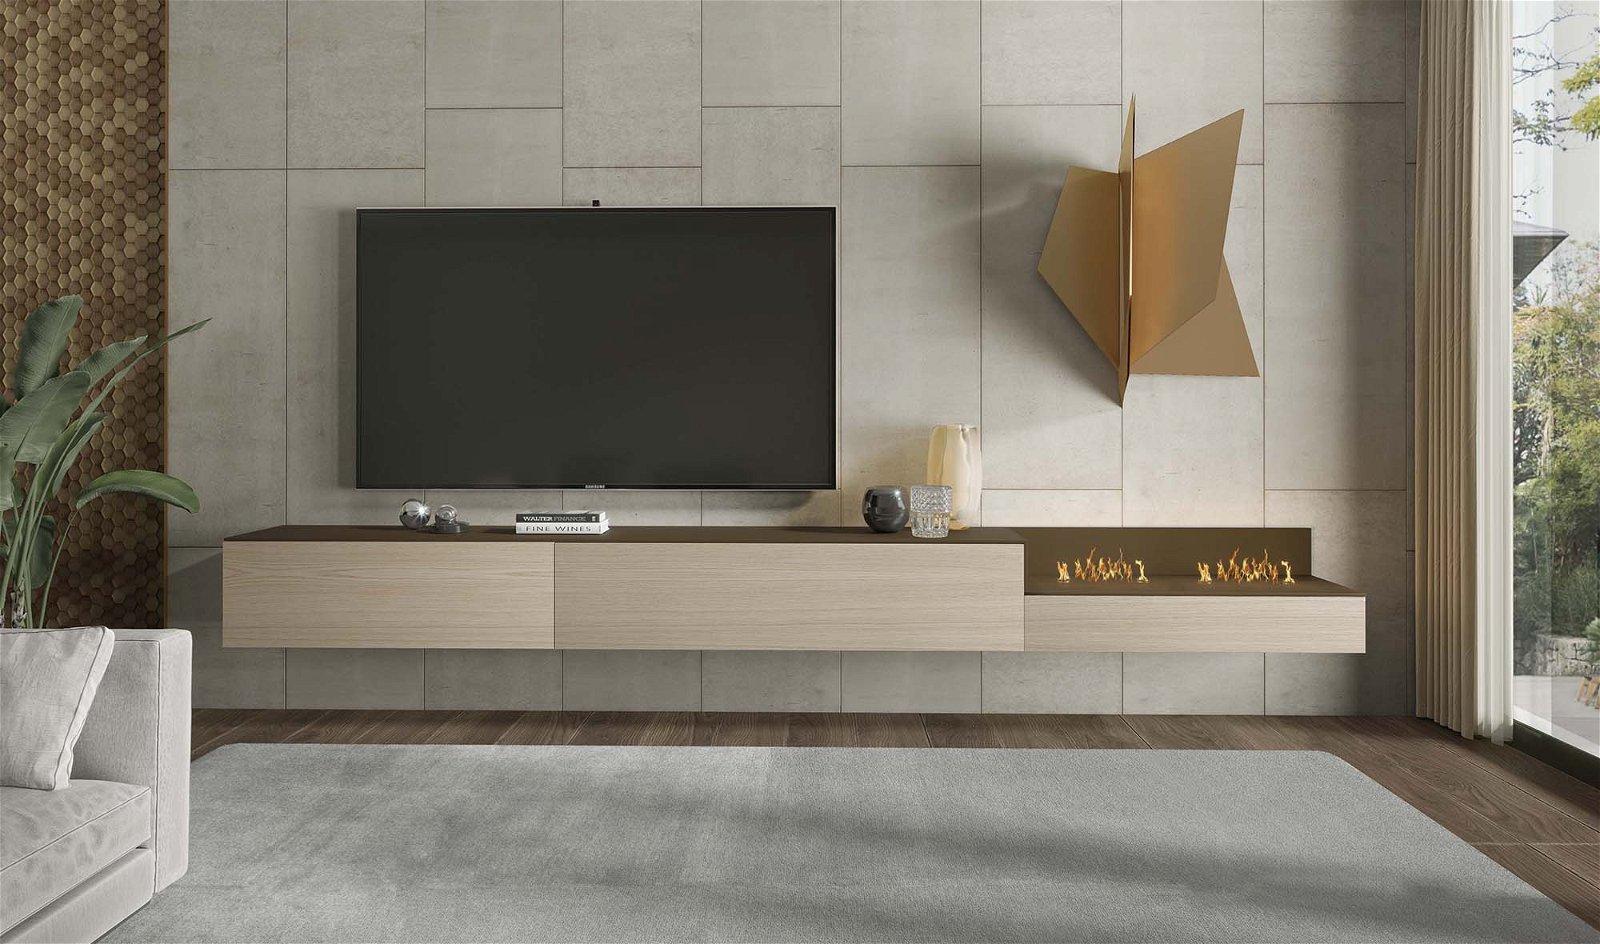 Mueble de tv Treviso con chimenea eléctrica